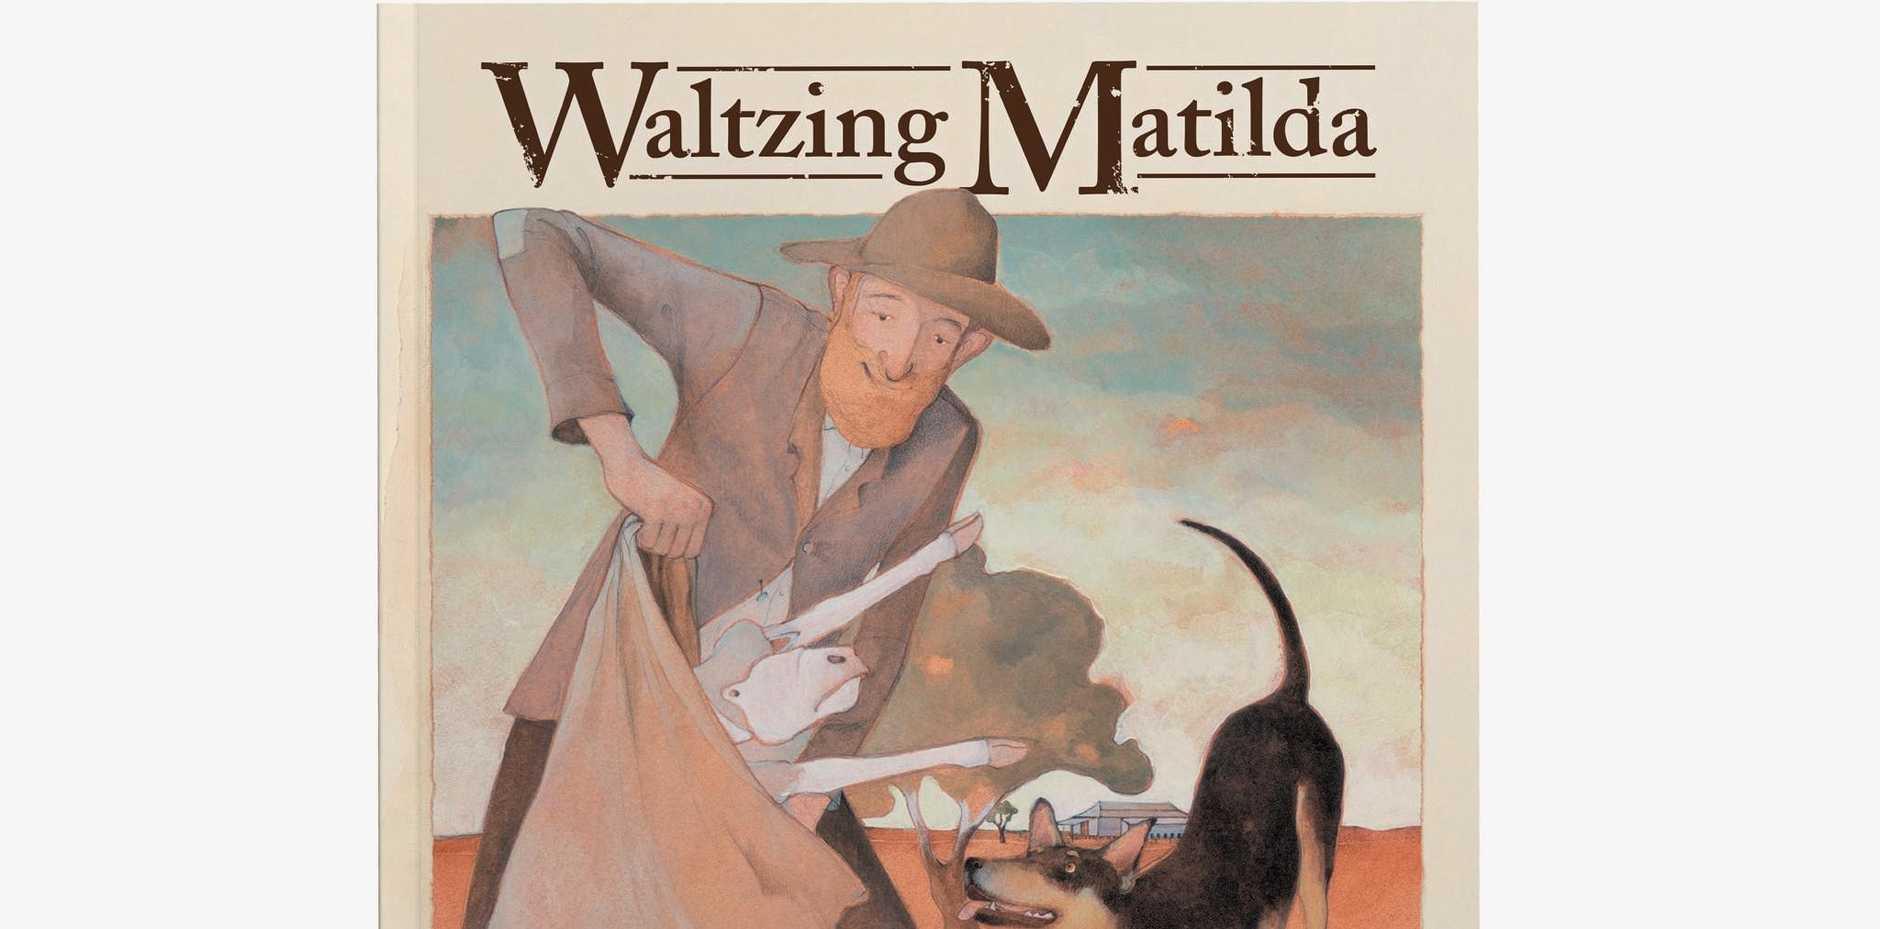 Waltzing Matilda.